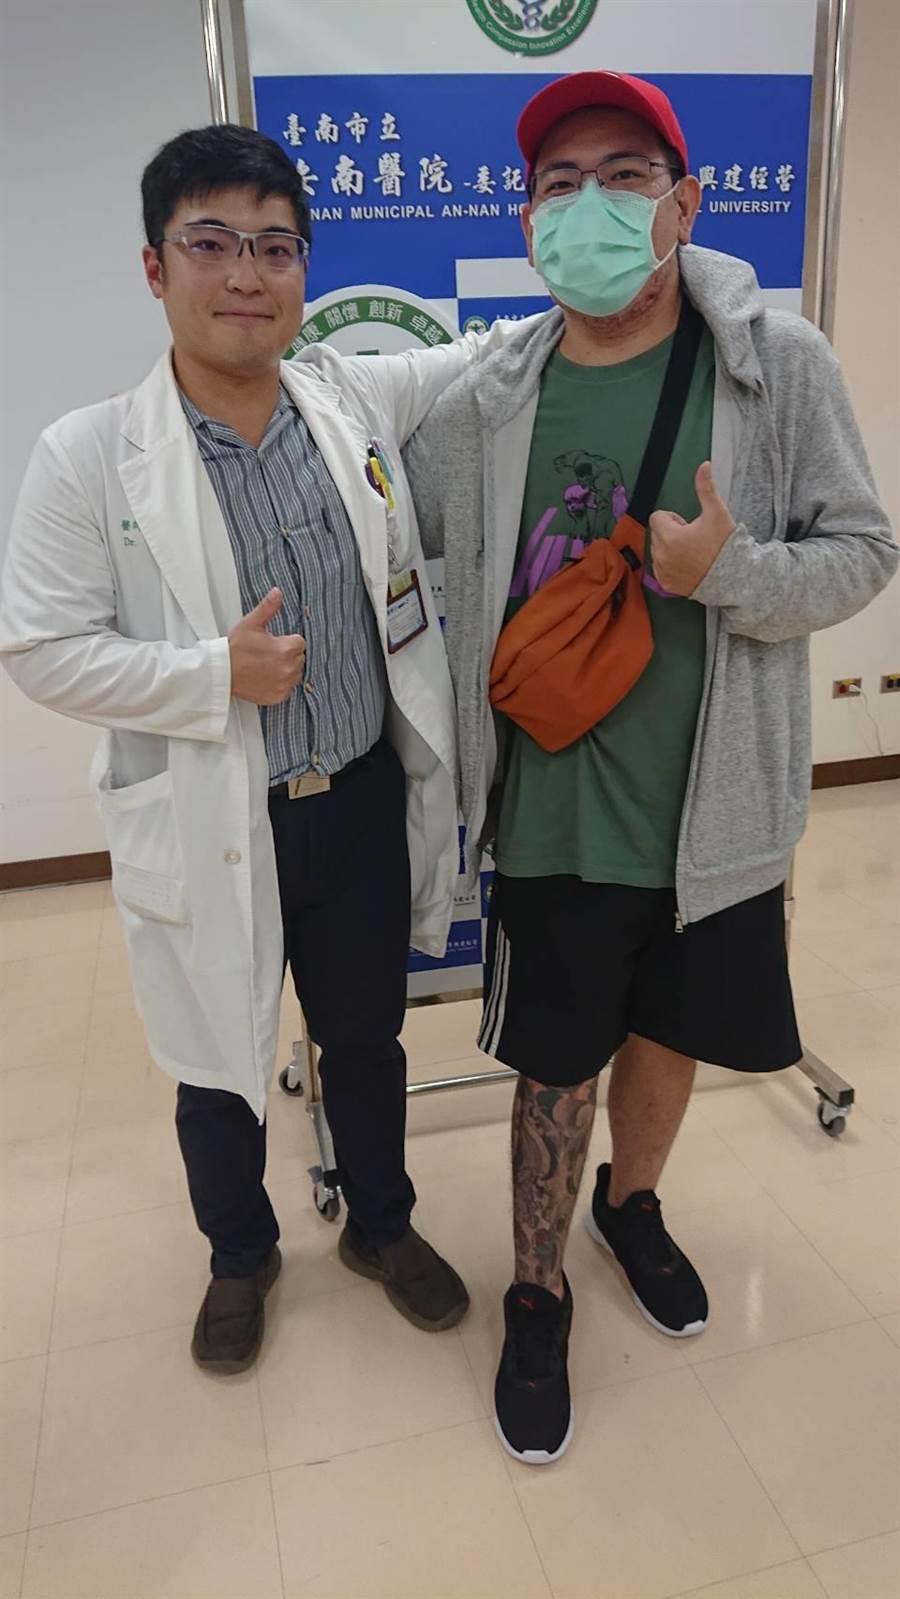 鄭男到安南醫院感謝手術醫師方啟榮。(程炳璋攝)